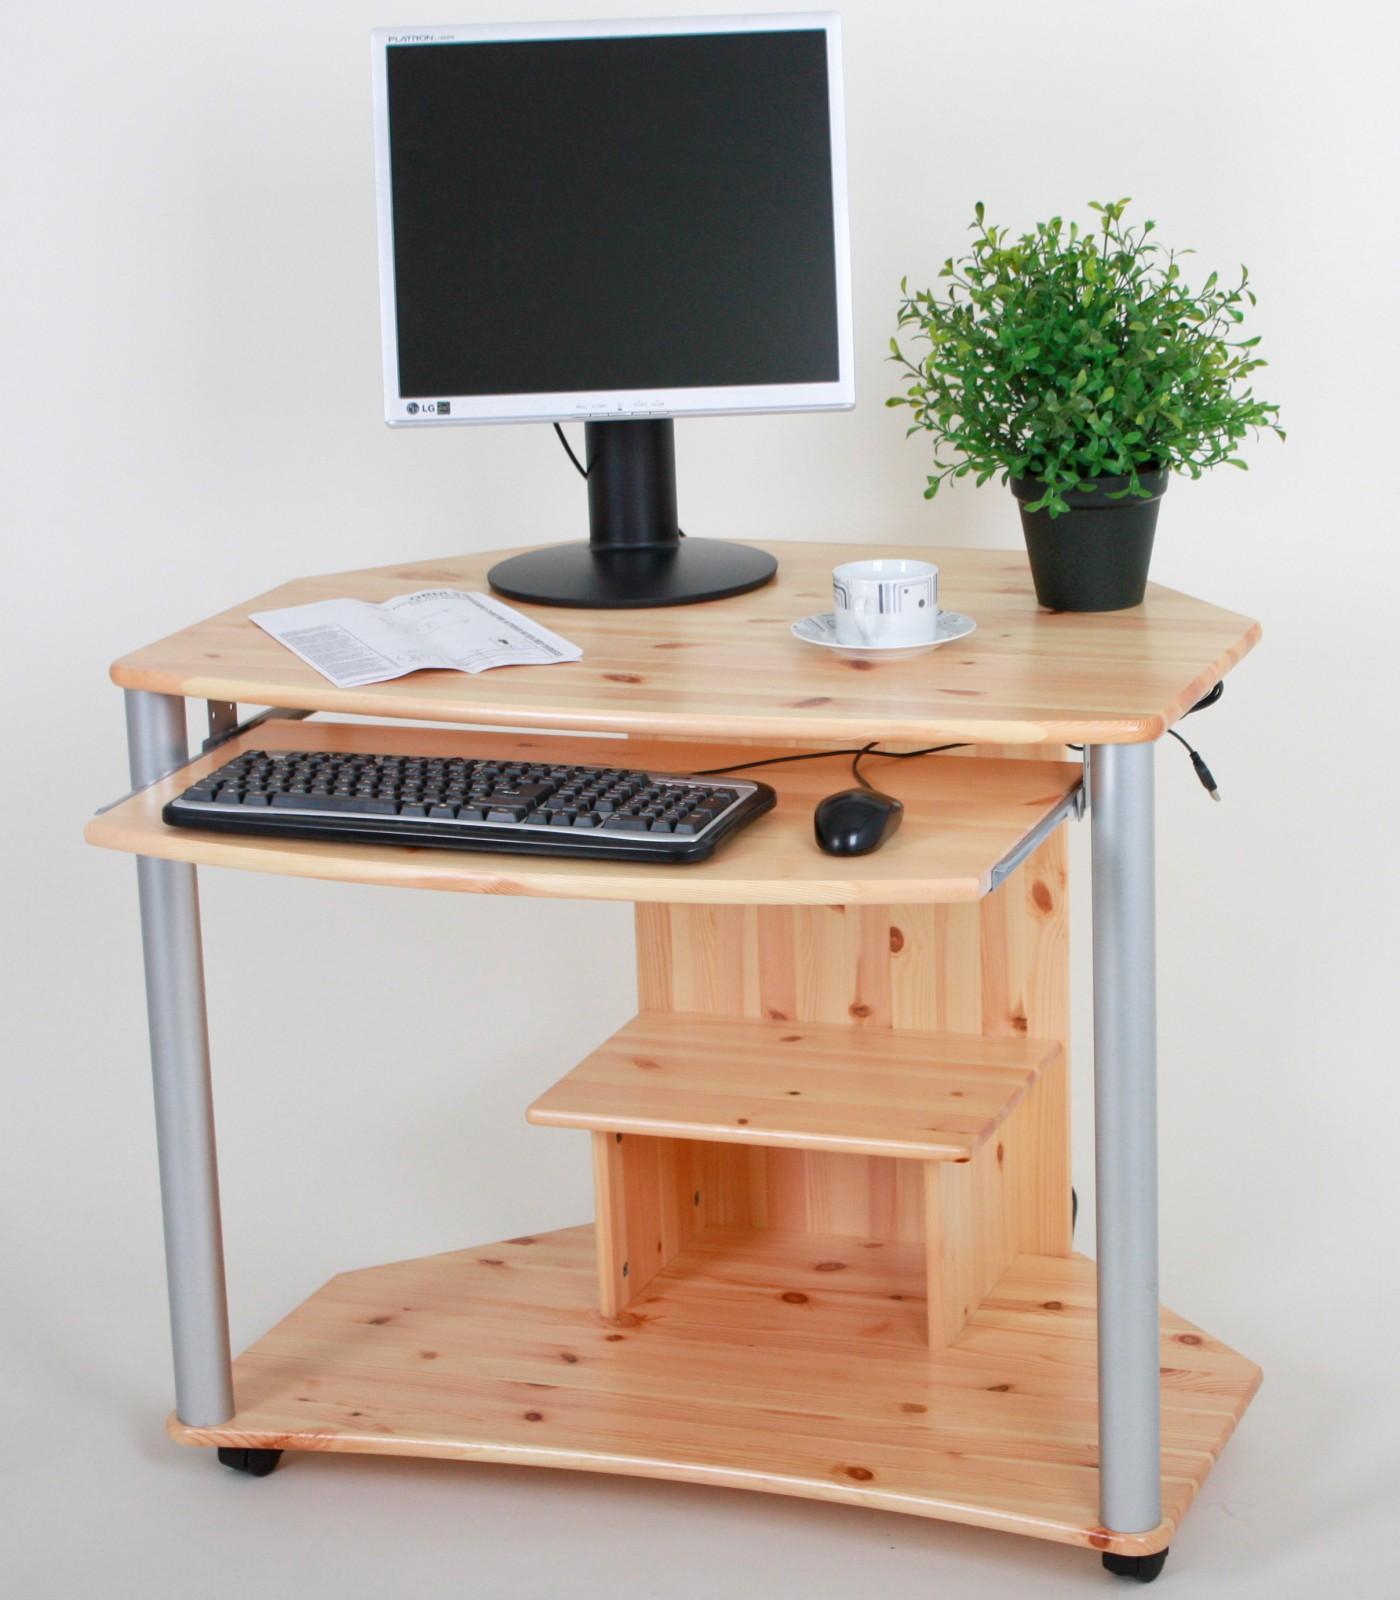 sehr sch n designter computertisch mit ausziehbarer platte und rollr dern die f e sind aus. Black Bedroom Furniture Sets. Home Design Ideas